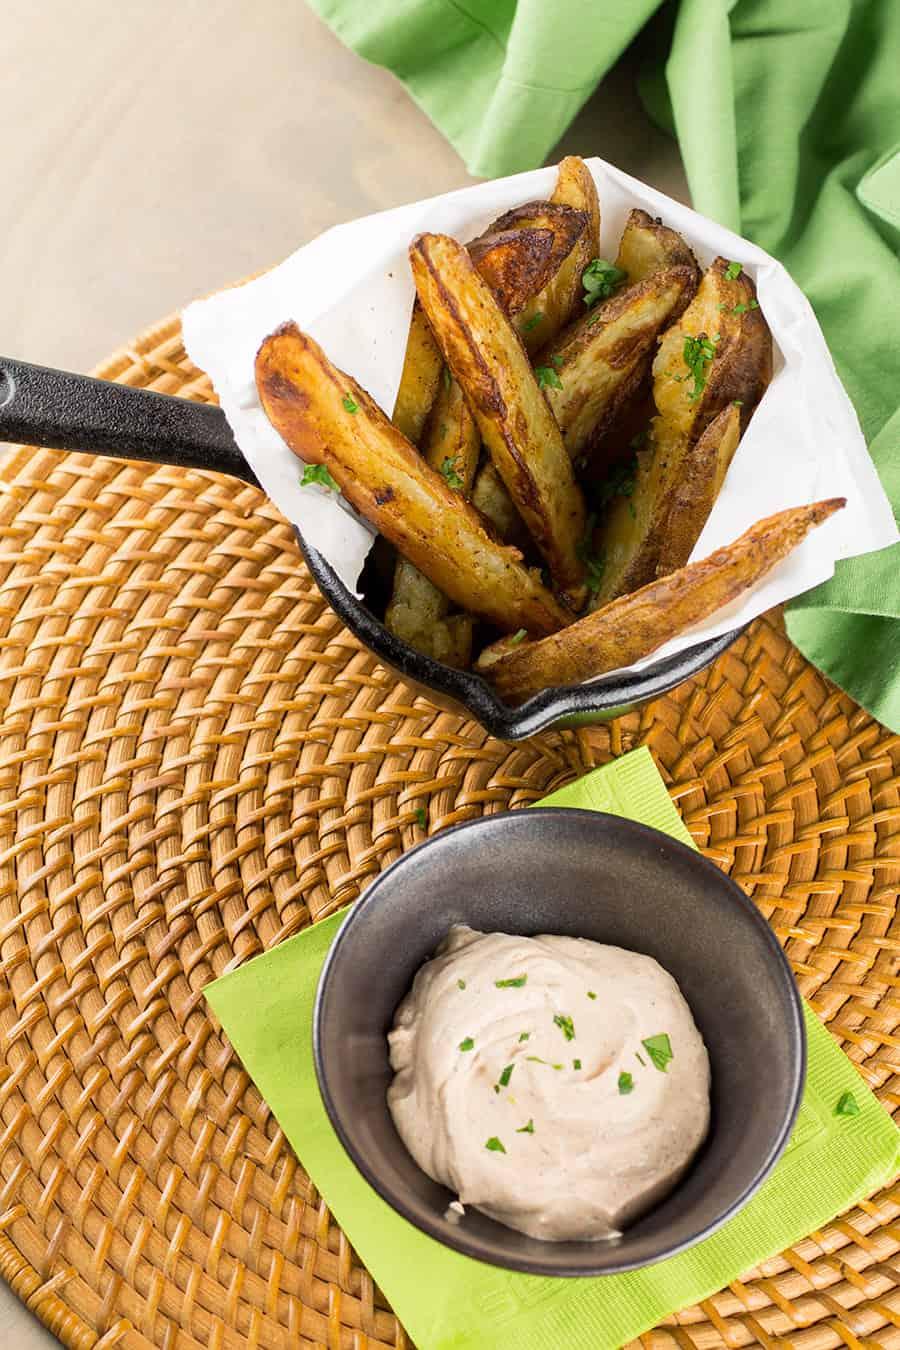 Baked Cajun Potato Wedges with Cajun Dipping Sauce